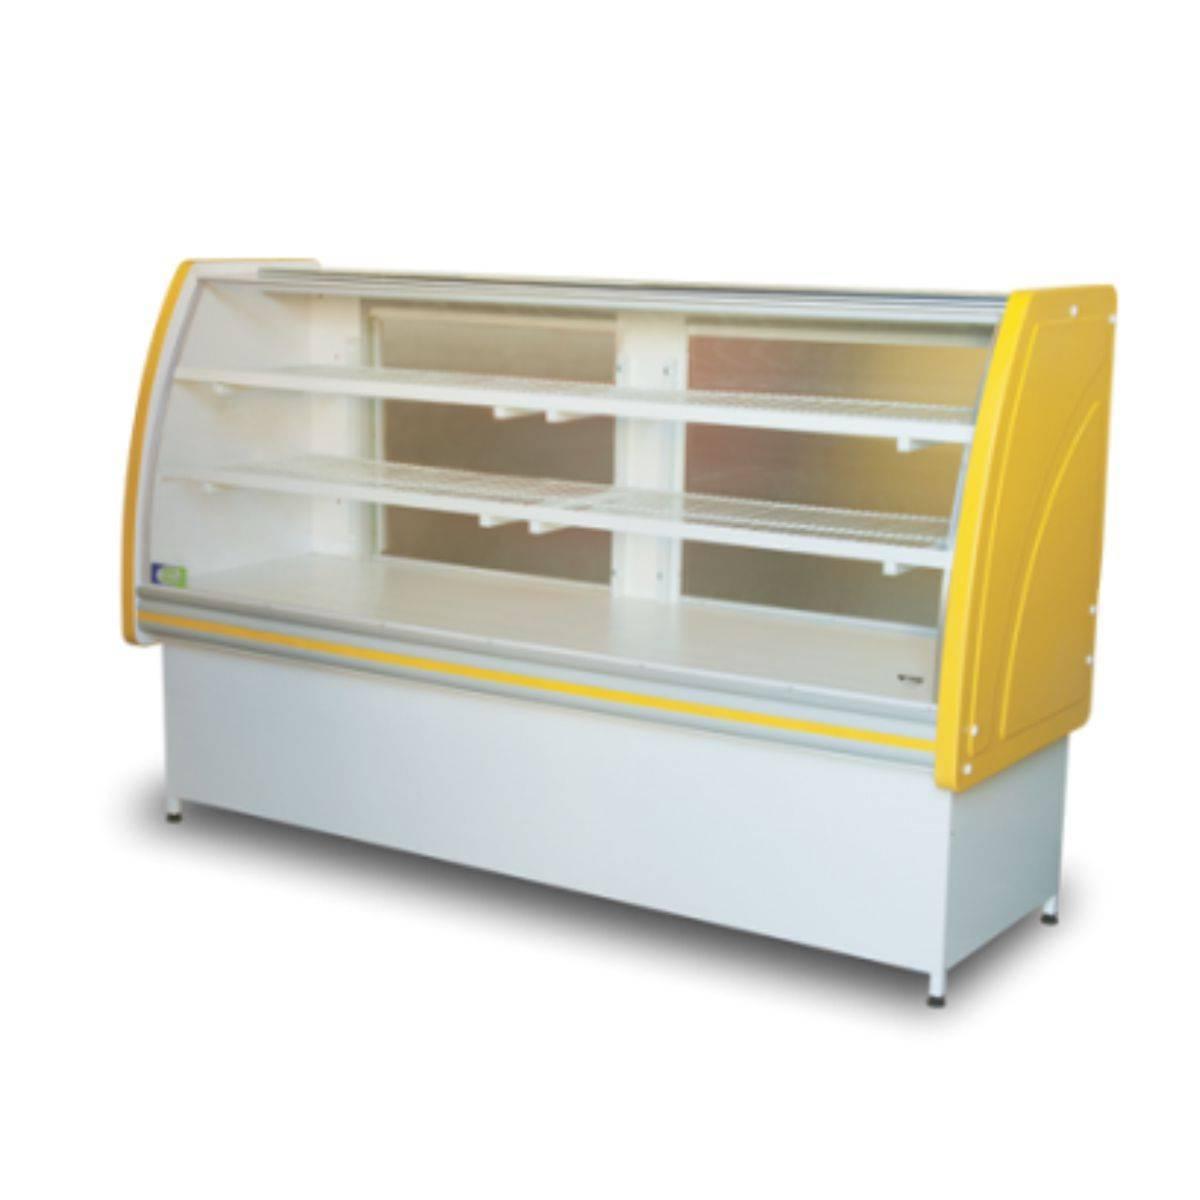 Balcão Seco 1,80m Premium Refrigel - Magazine do Chef